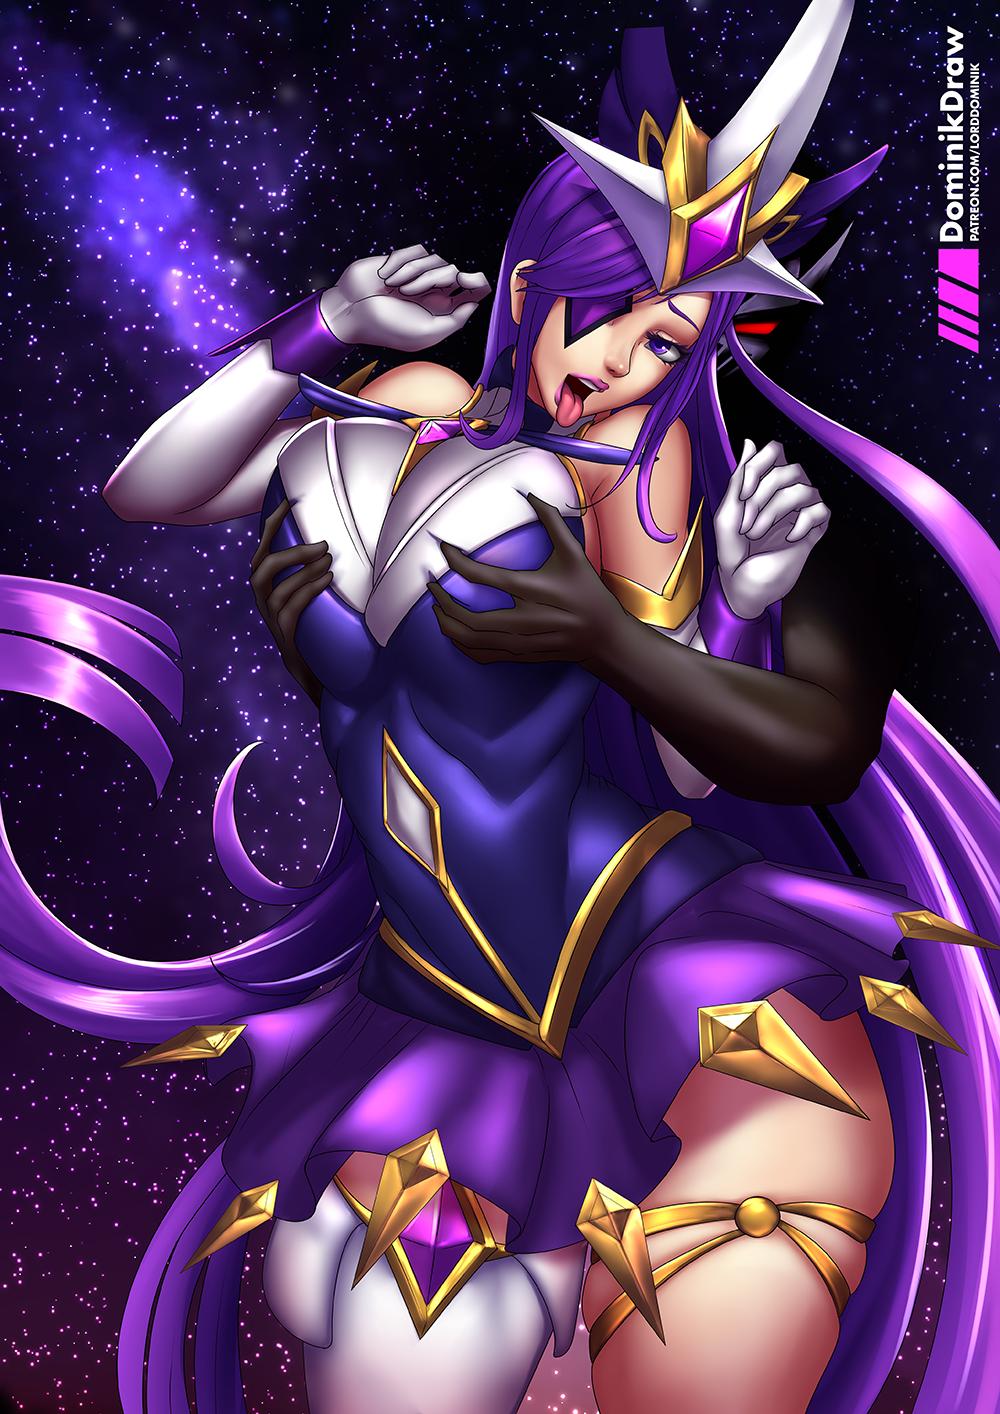 syndra league guardian star of legends Fire emblem anna